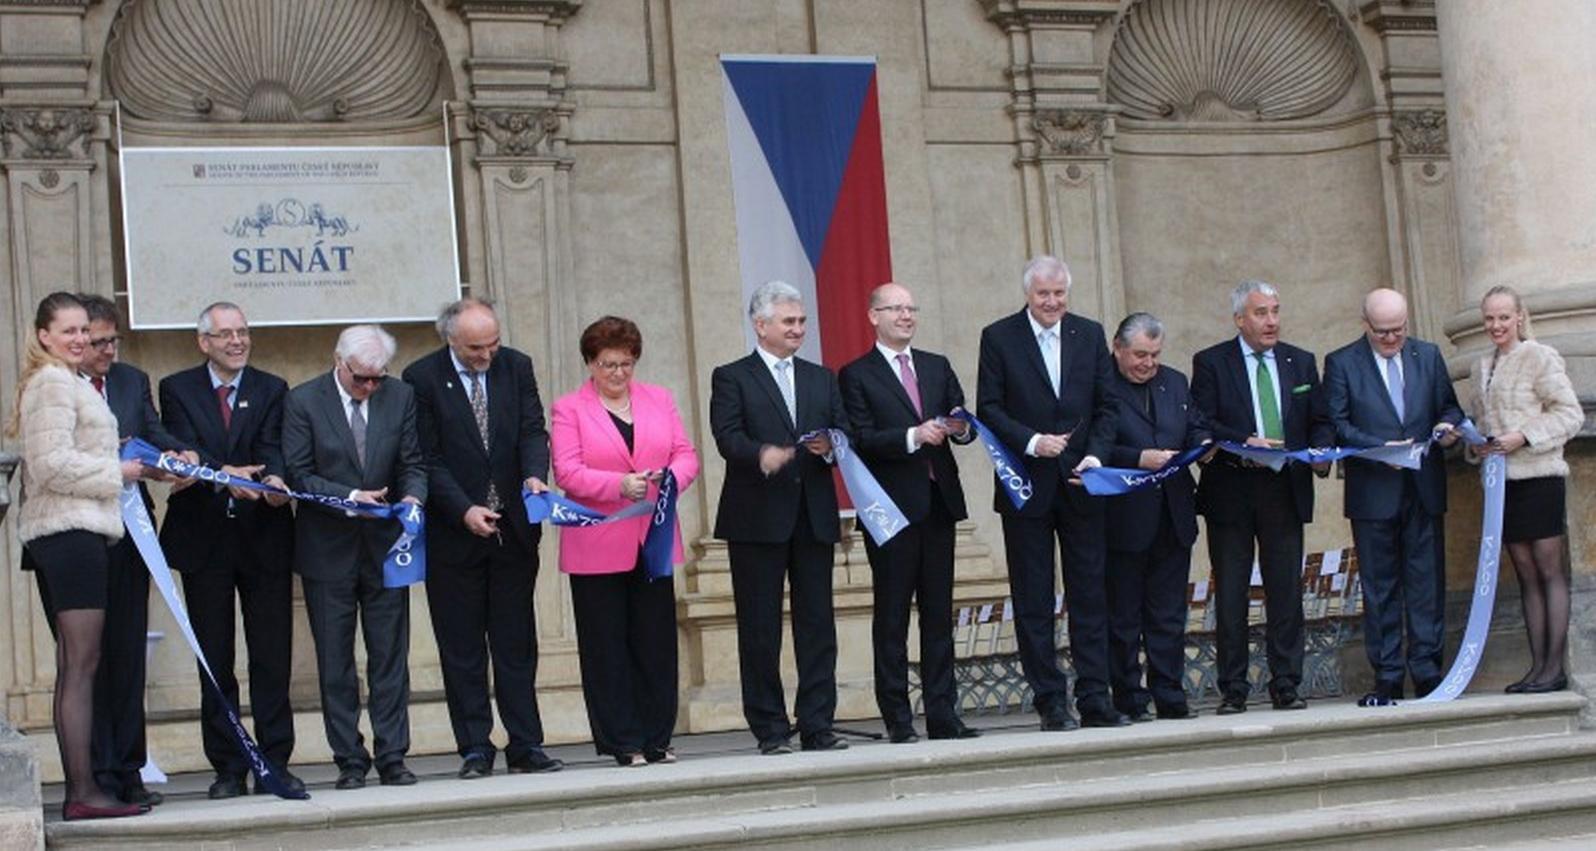 """Feierliche Eröffnung der Bayerisch-Böhmischen Landesausstellung """"Karl IV. 700 Jahre"""" in der tschechischen Hauptstadt Prag."""